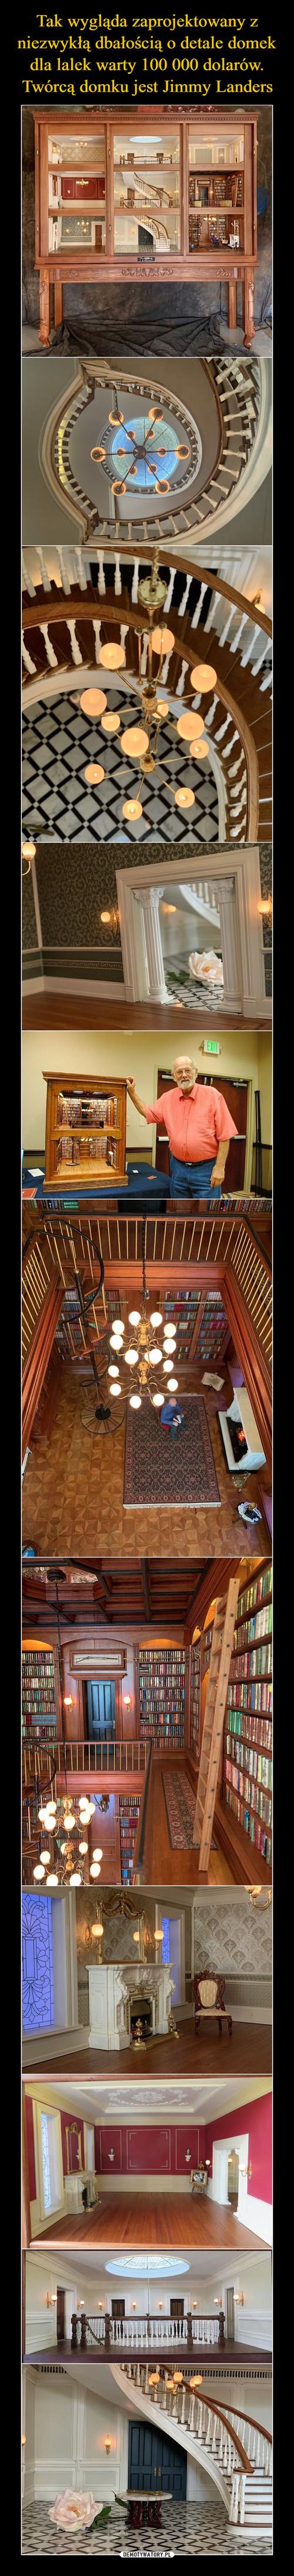 Tak wygląda zaprojektowany z niezwykłą dbałością o detale domek dla lalek warty 100 000 dolarów. Twórcą domku jest Jimmy Landers